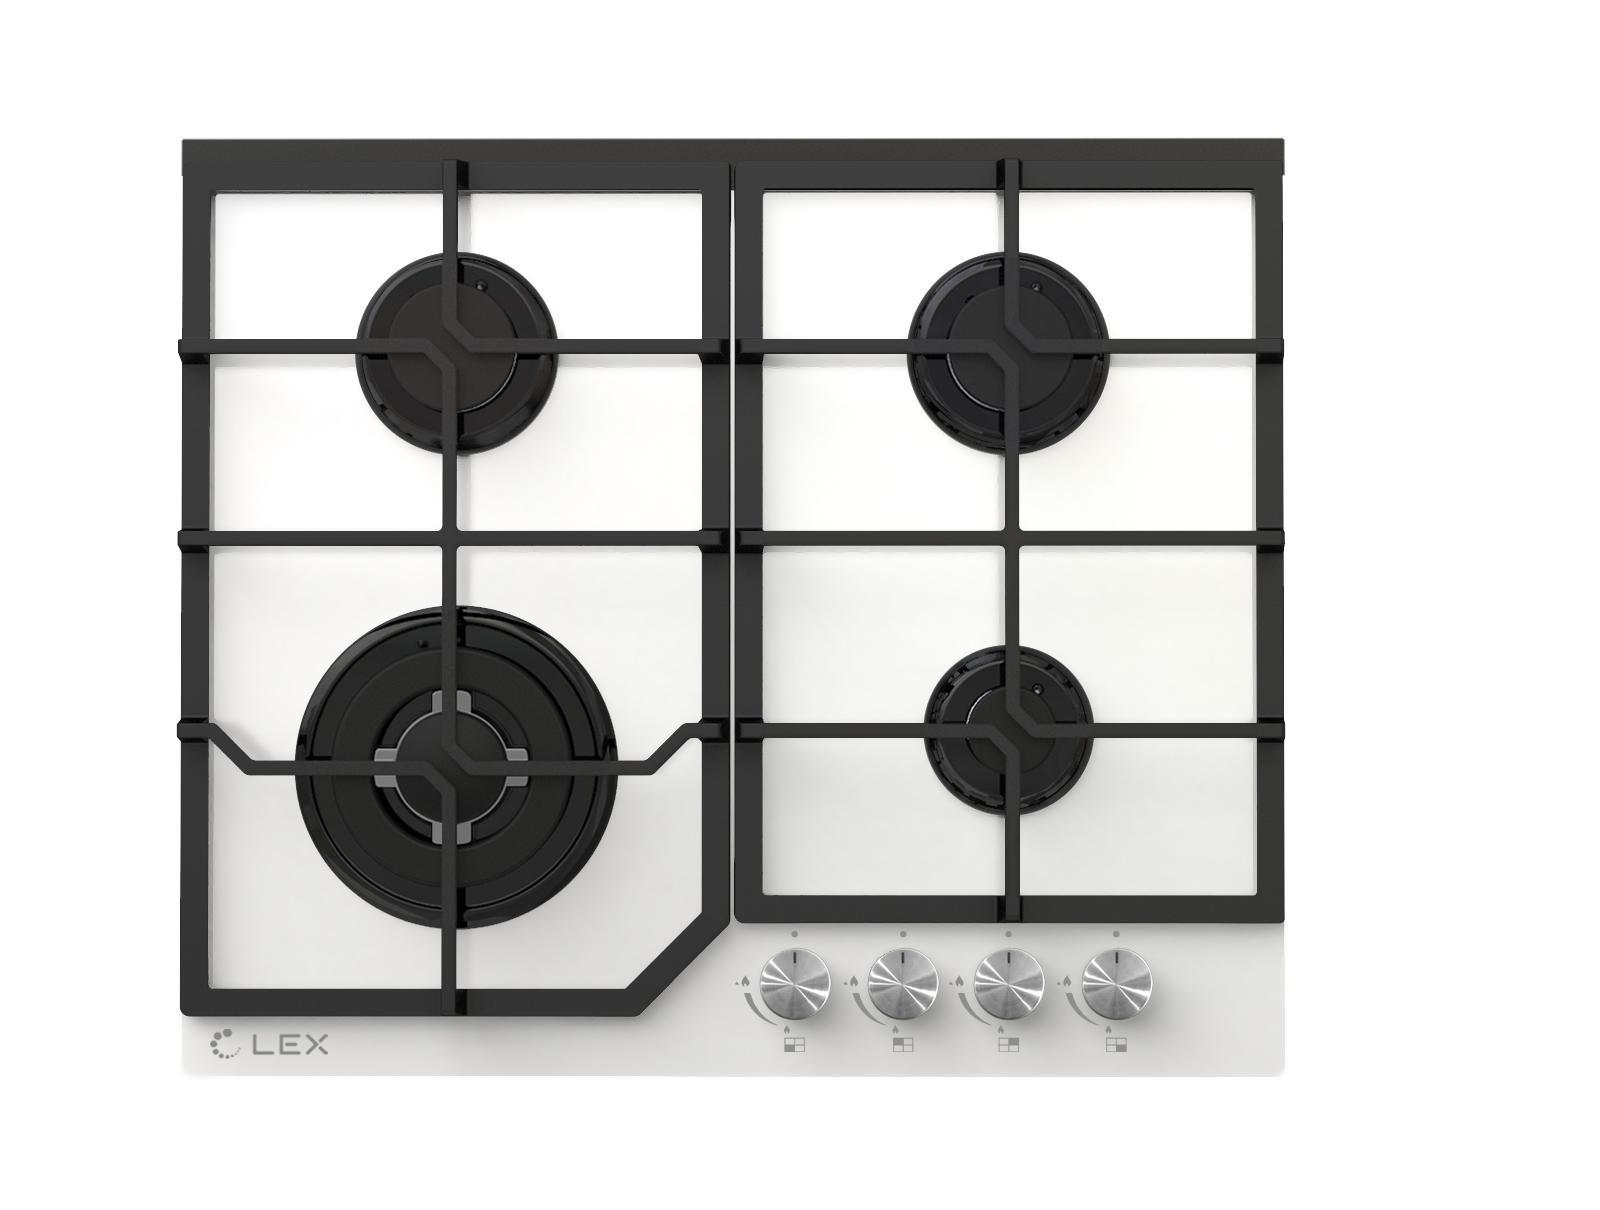 Встраиваемая газовая варочная панель Lex Gvg 640-1 white